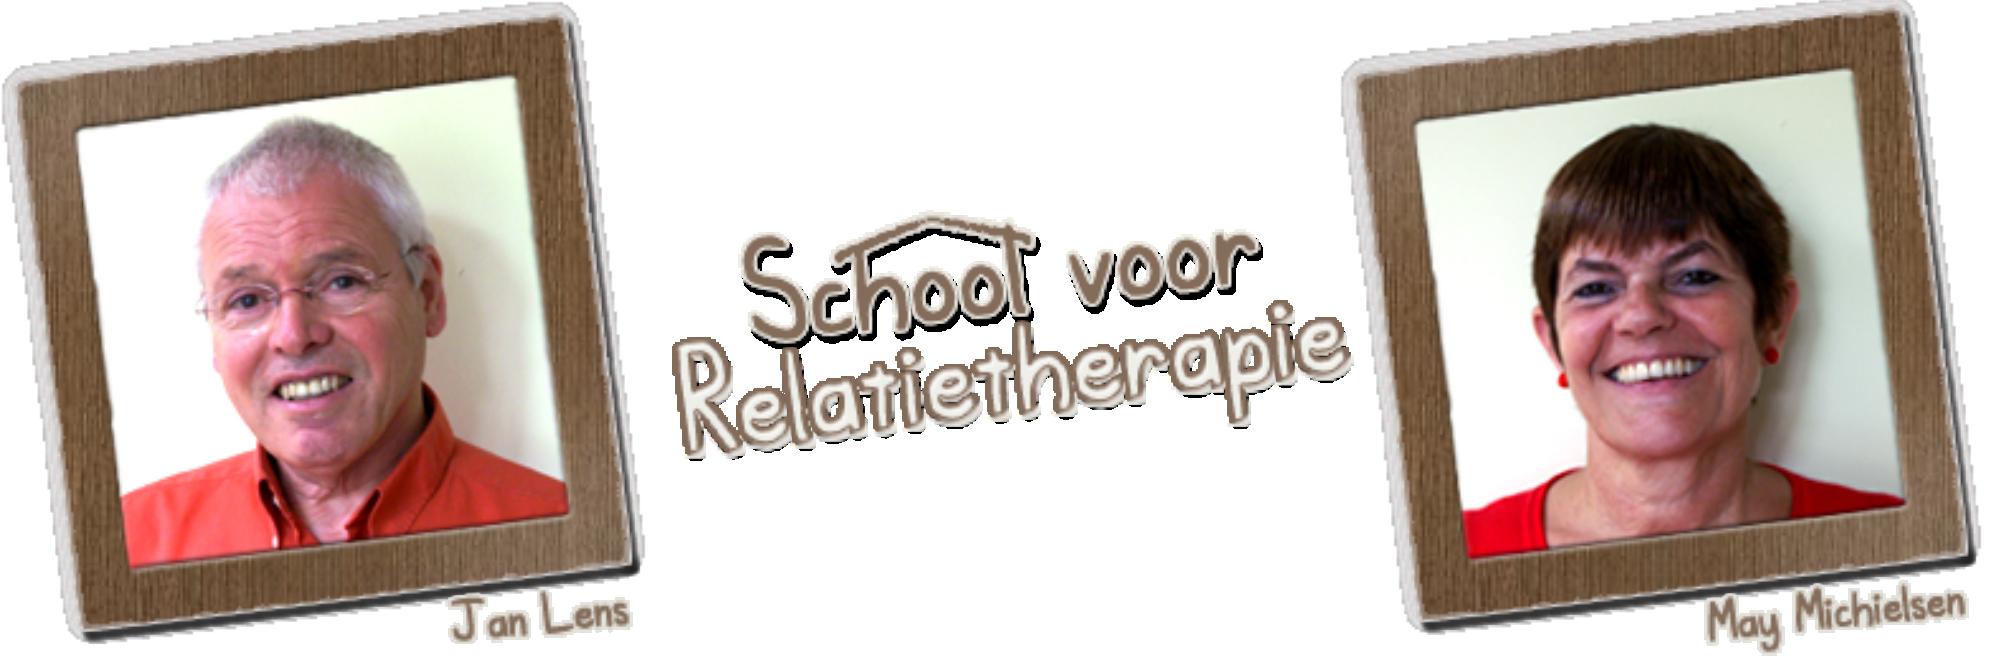 Gastopleiders opleiding Werken met koppels - Partnerrelatietherapie Rapunzelvzw